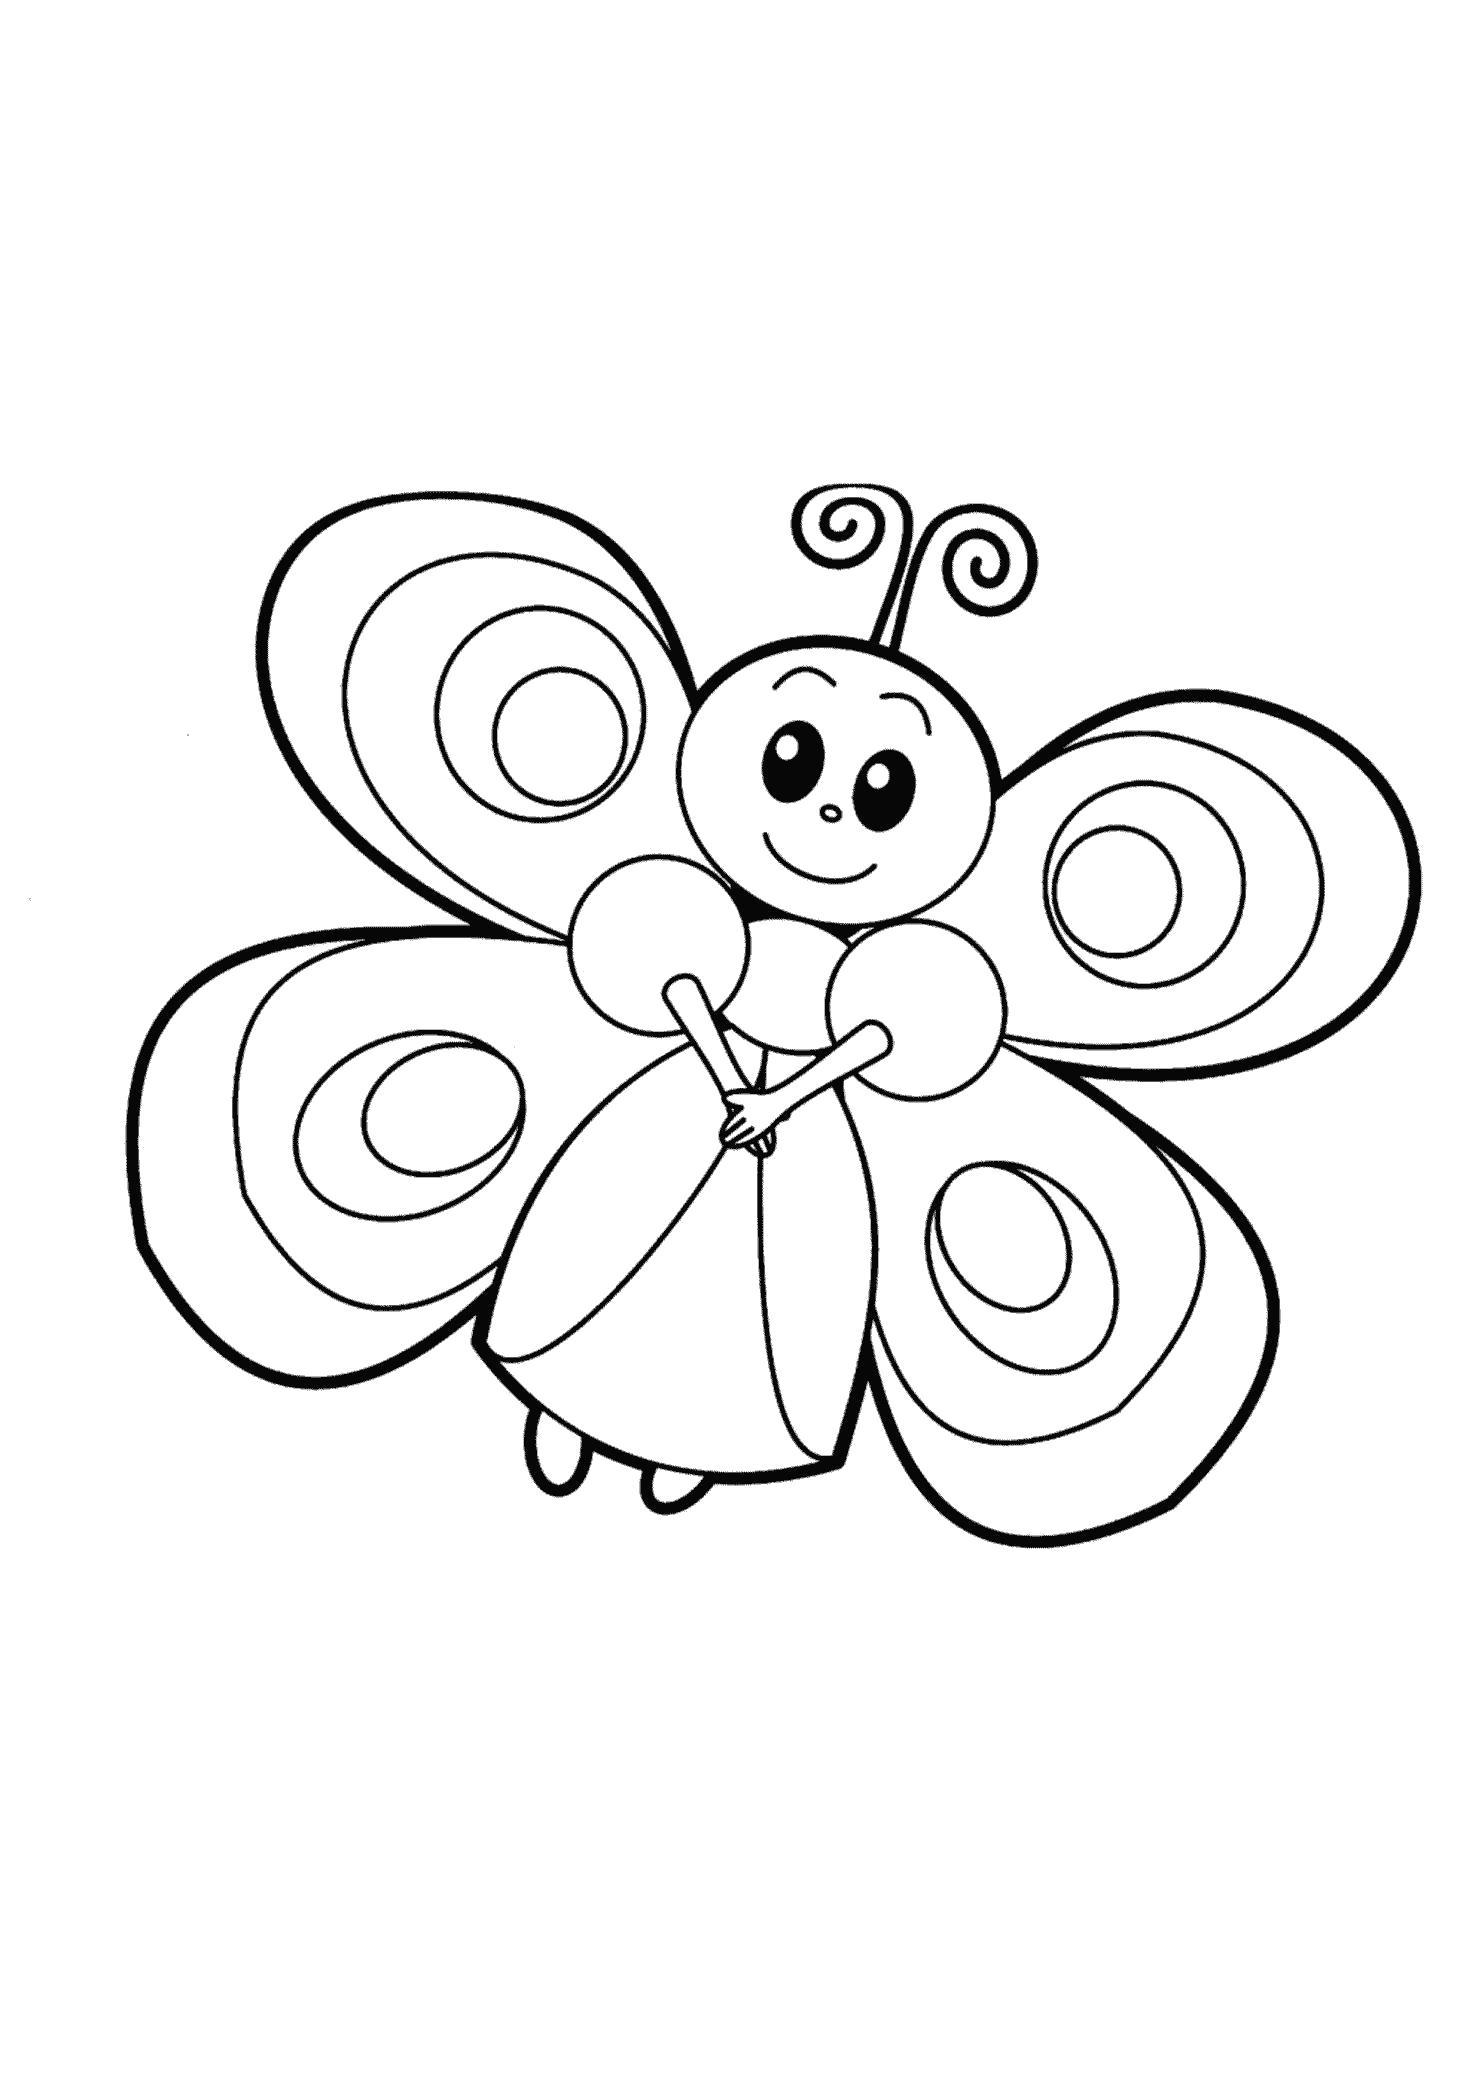 Раскраска Милашка. Скачать бабочка.  Распечатать бабочка